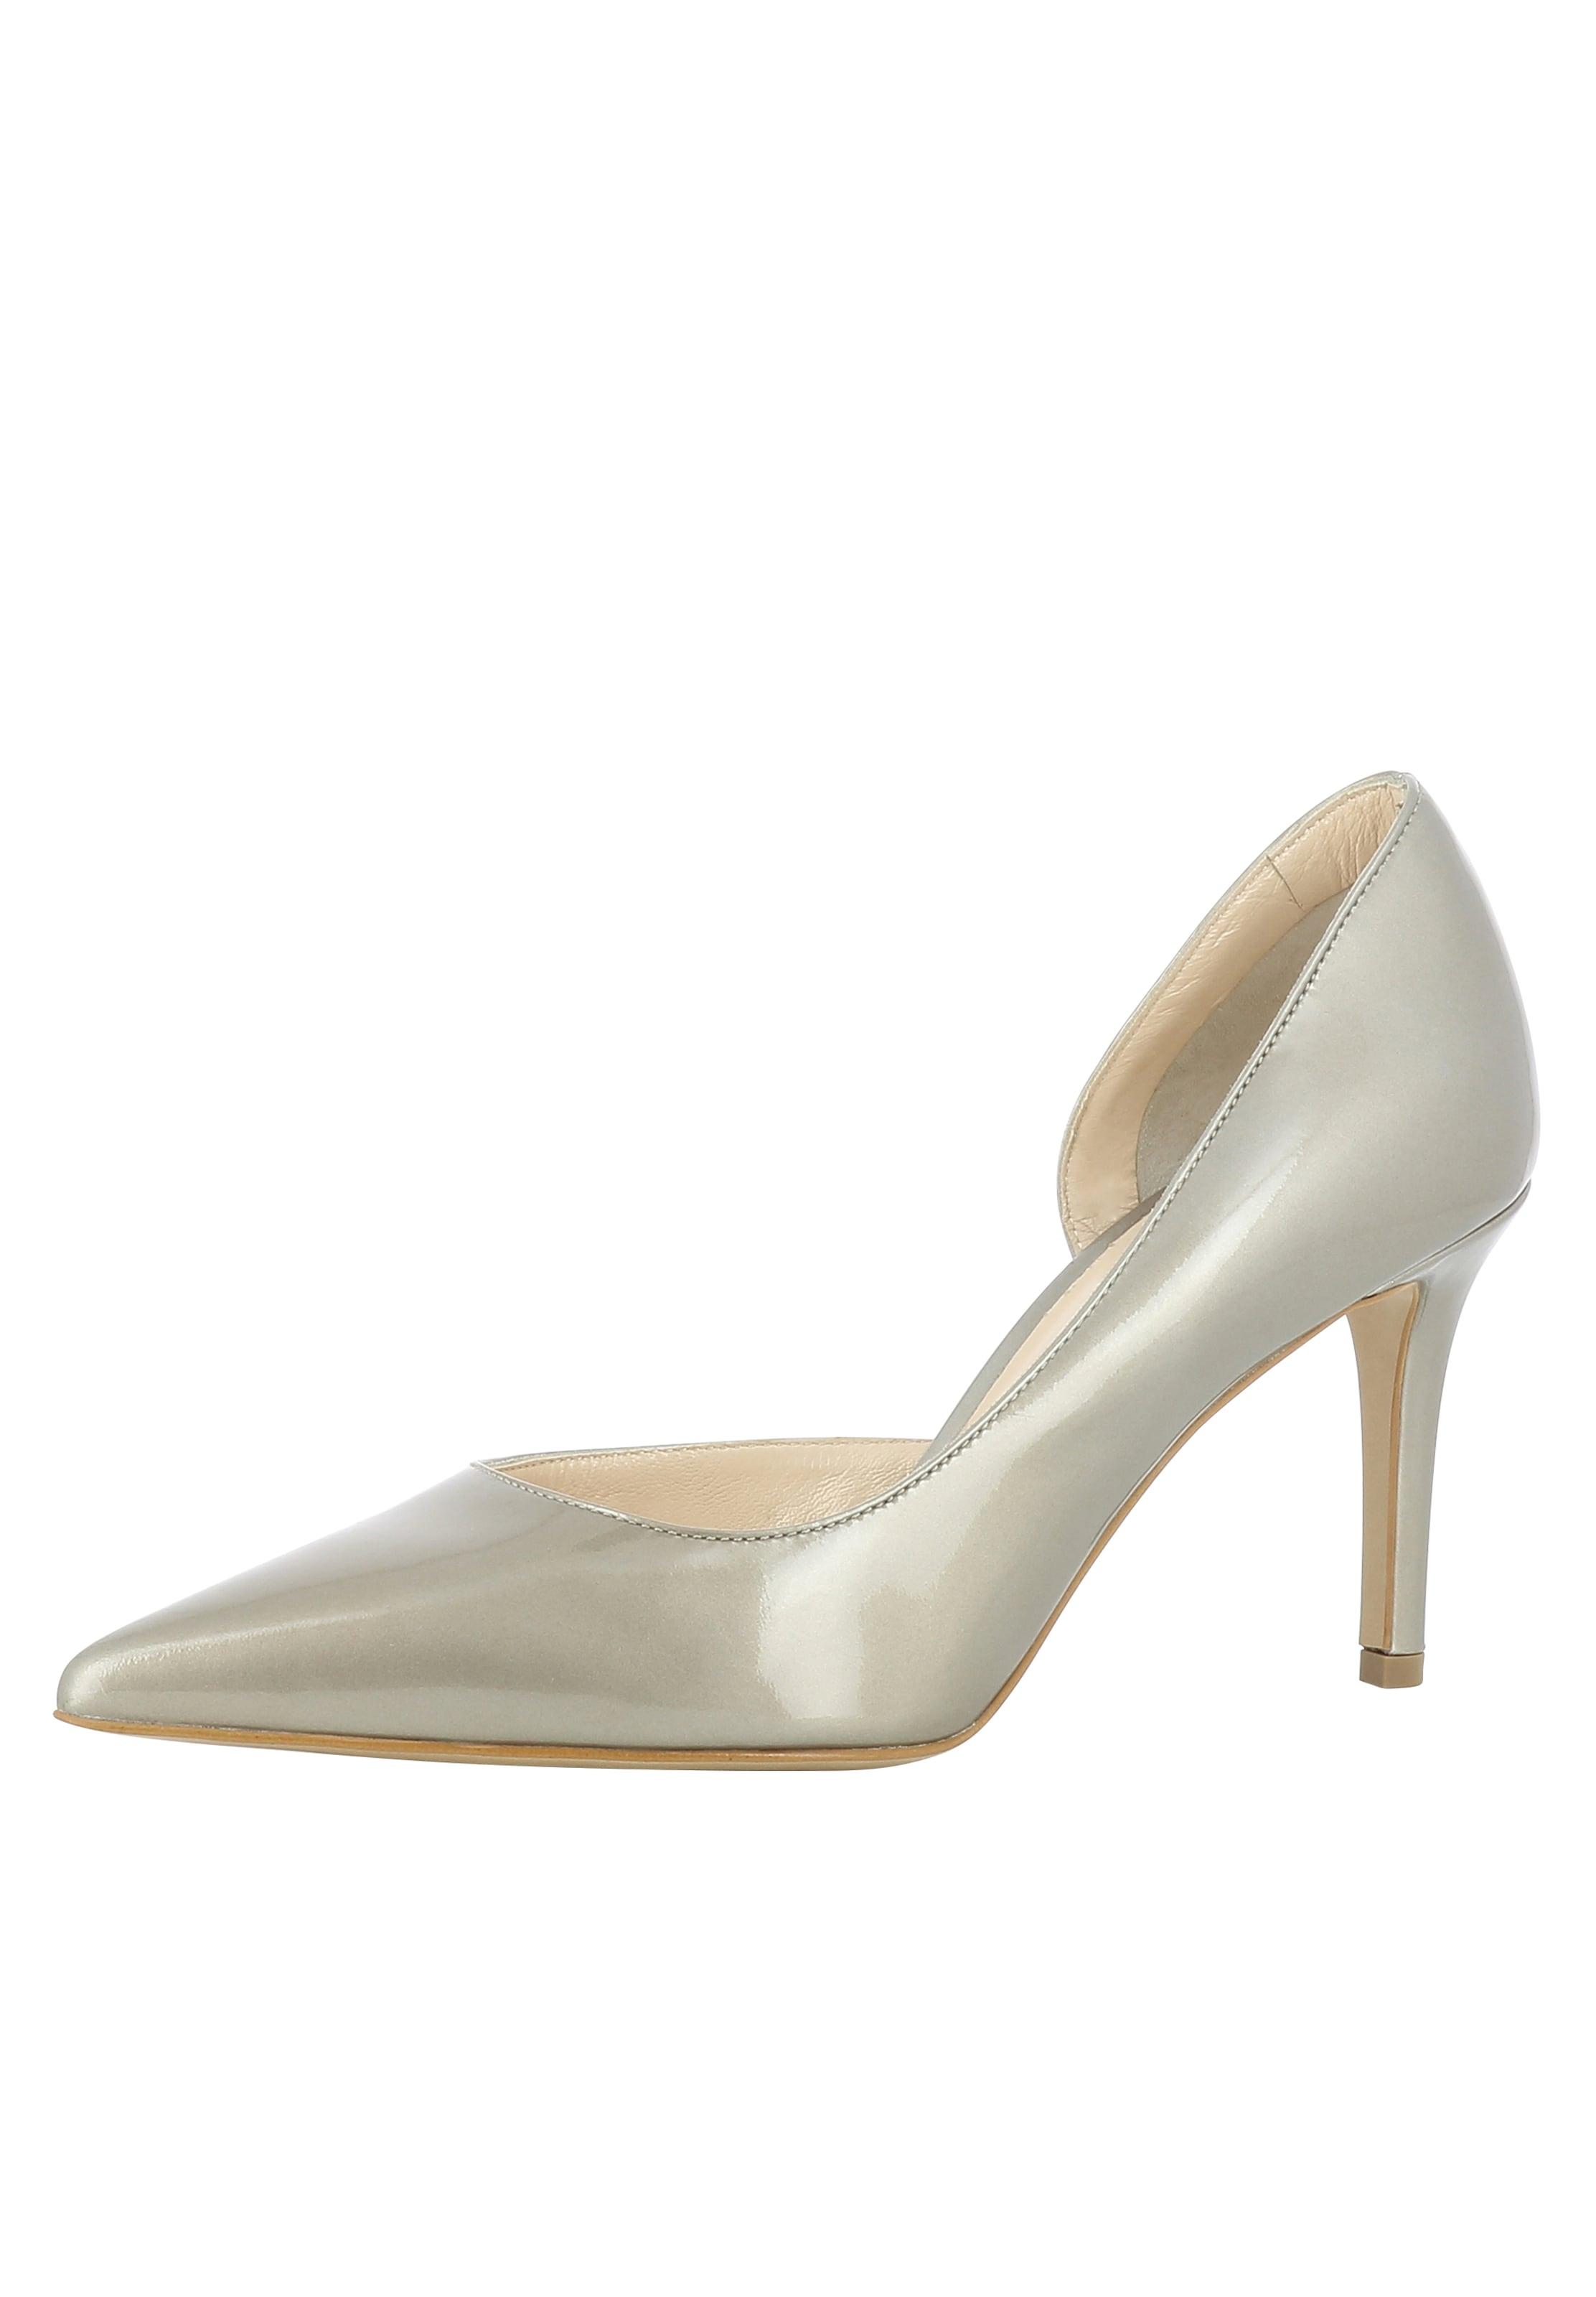 EVITA Pumps JESSICA Verschleißfeste billige Schuhe